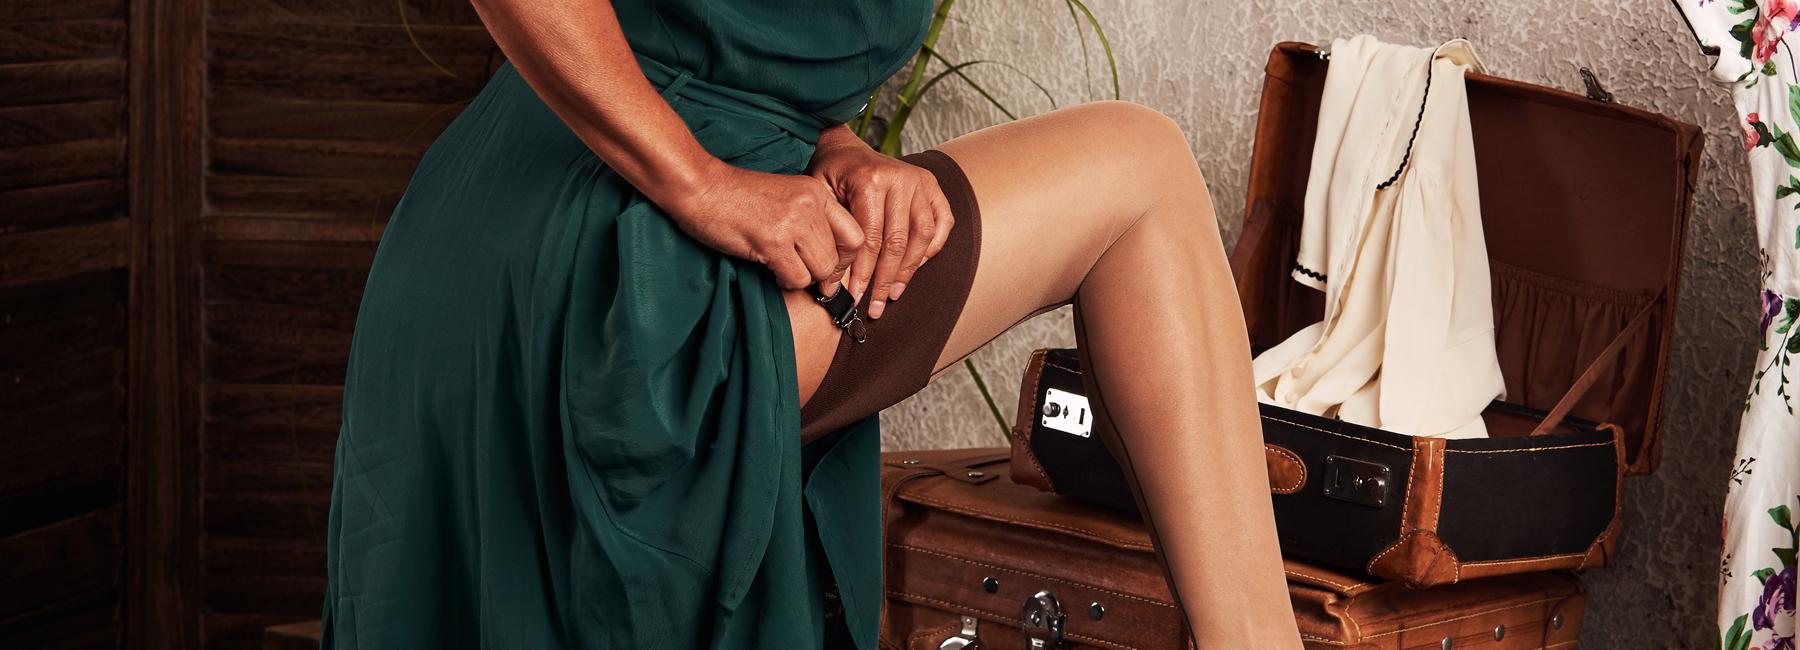 Der vollkommene Vintage-Look erfordert dringend elegante Strümpfe, am liebsten mit klassischer Naht. Sie sind alles von glamourös bis sexy – je nachdem, ob man sie zum Cocktailkleid auf der rauschenden 20er Jahre Party trägt oder zum Rockabilly-Petticoat.